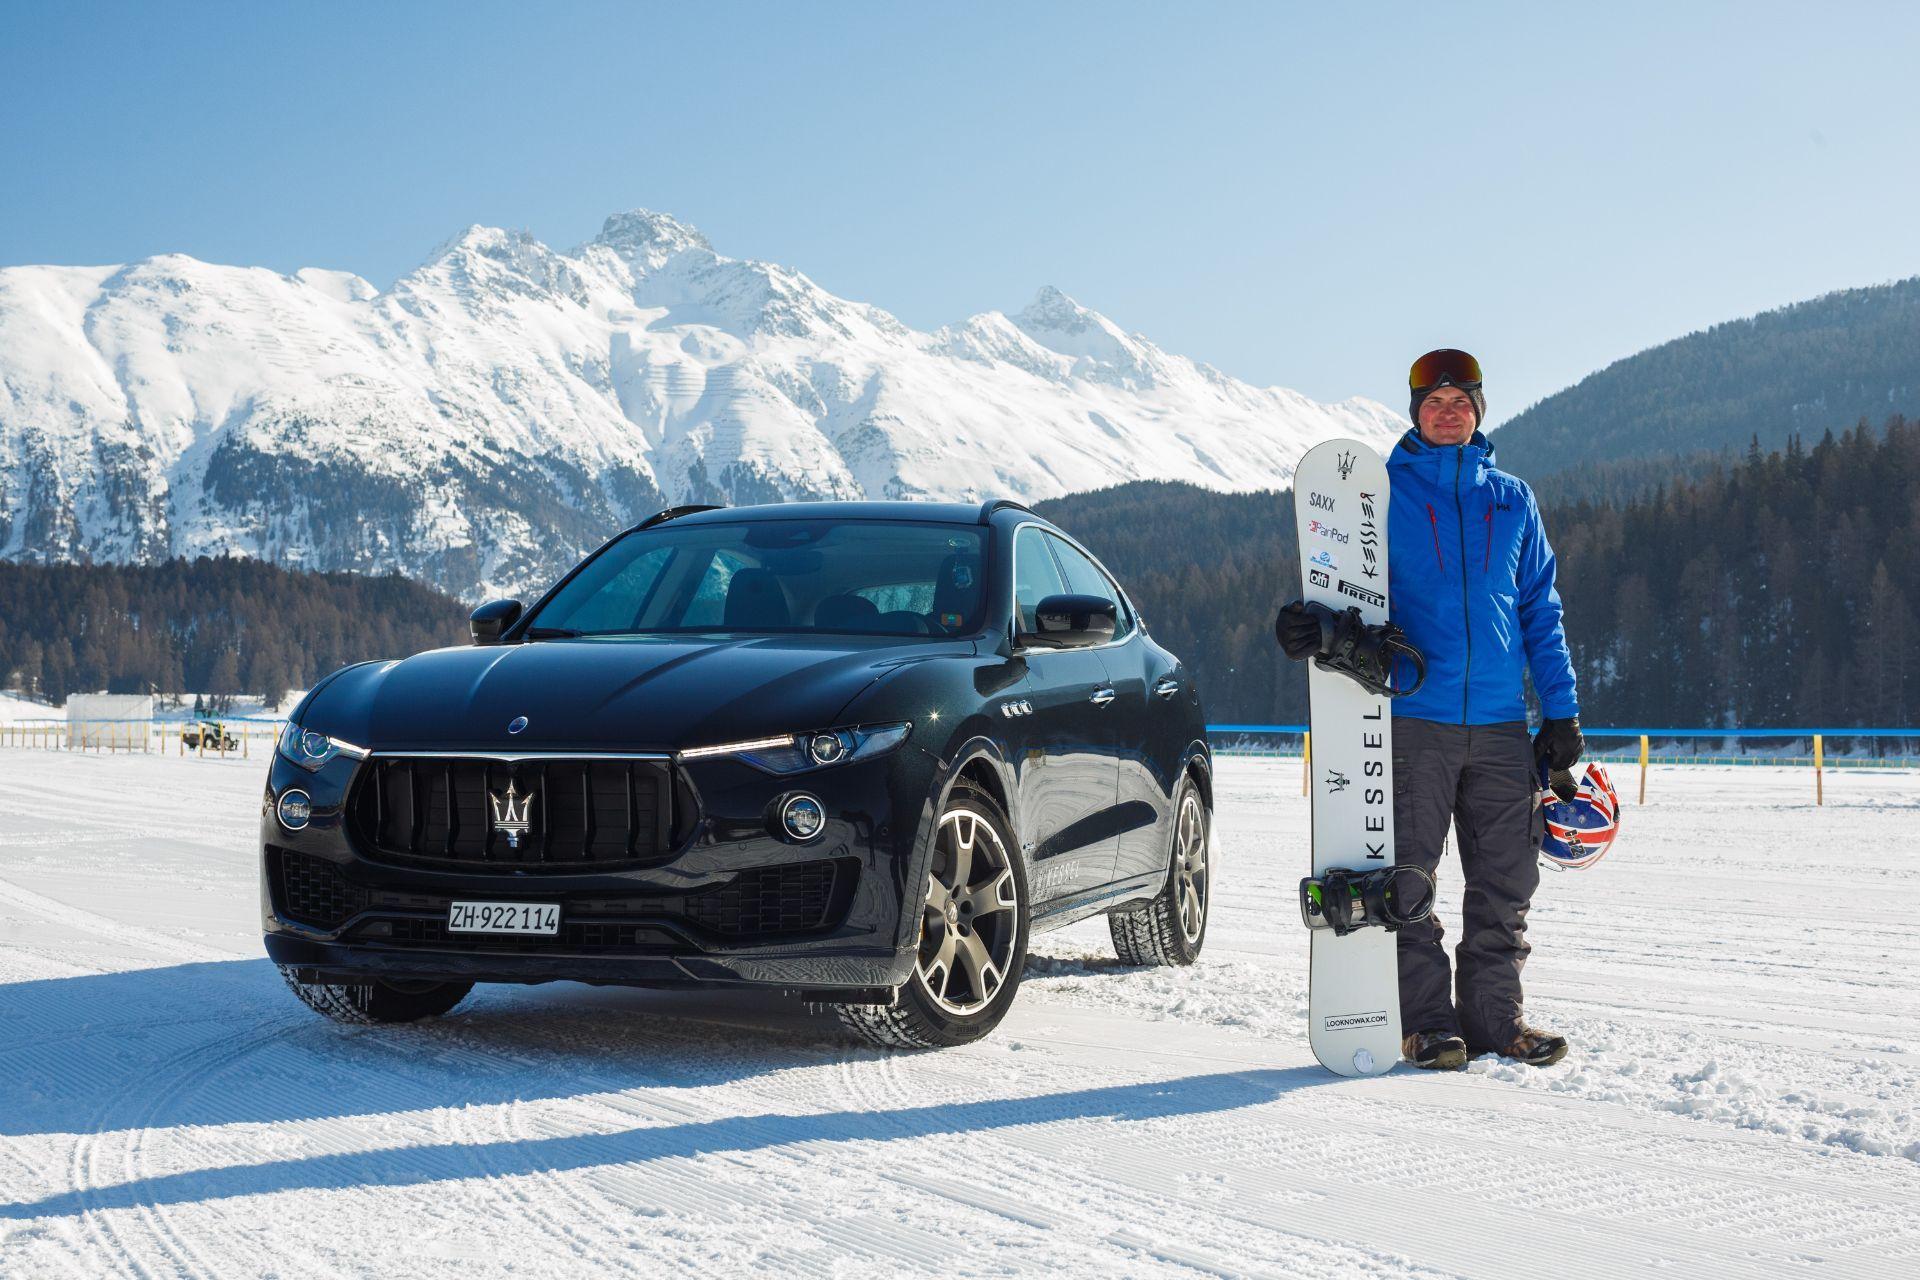 El rider inglés Jamie Barrow supera el Guinness World Record de velocidad en snowboard remolcado por un coche con la colaboración del Maserati Levante